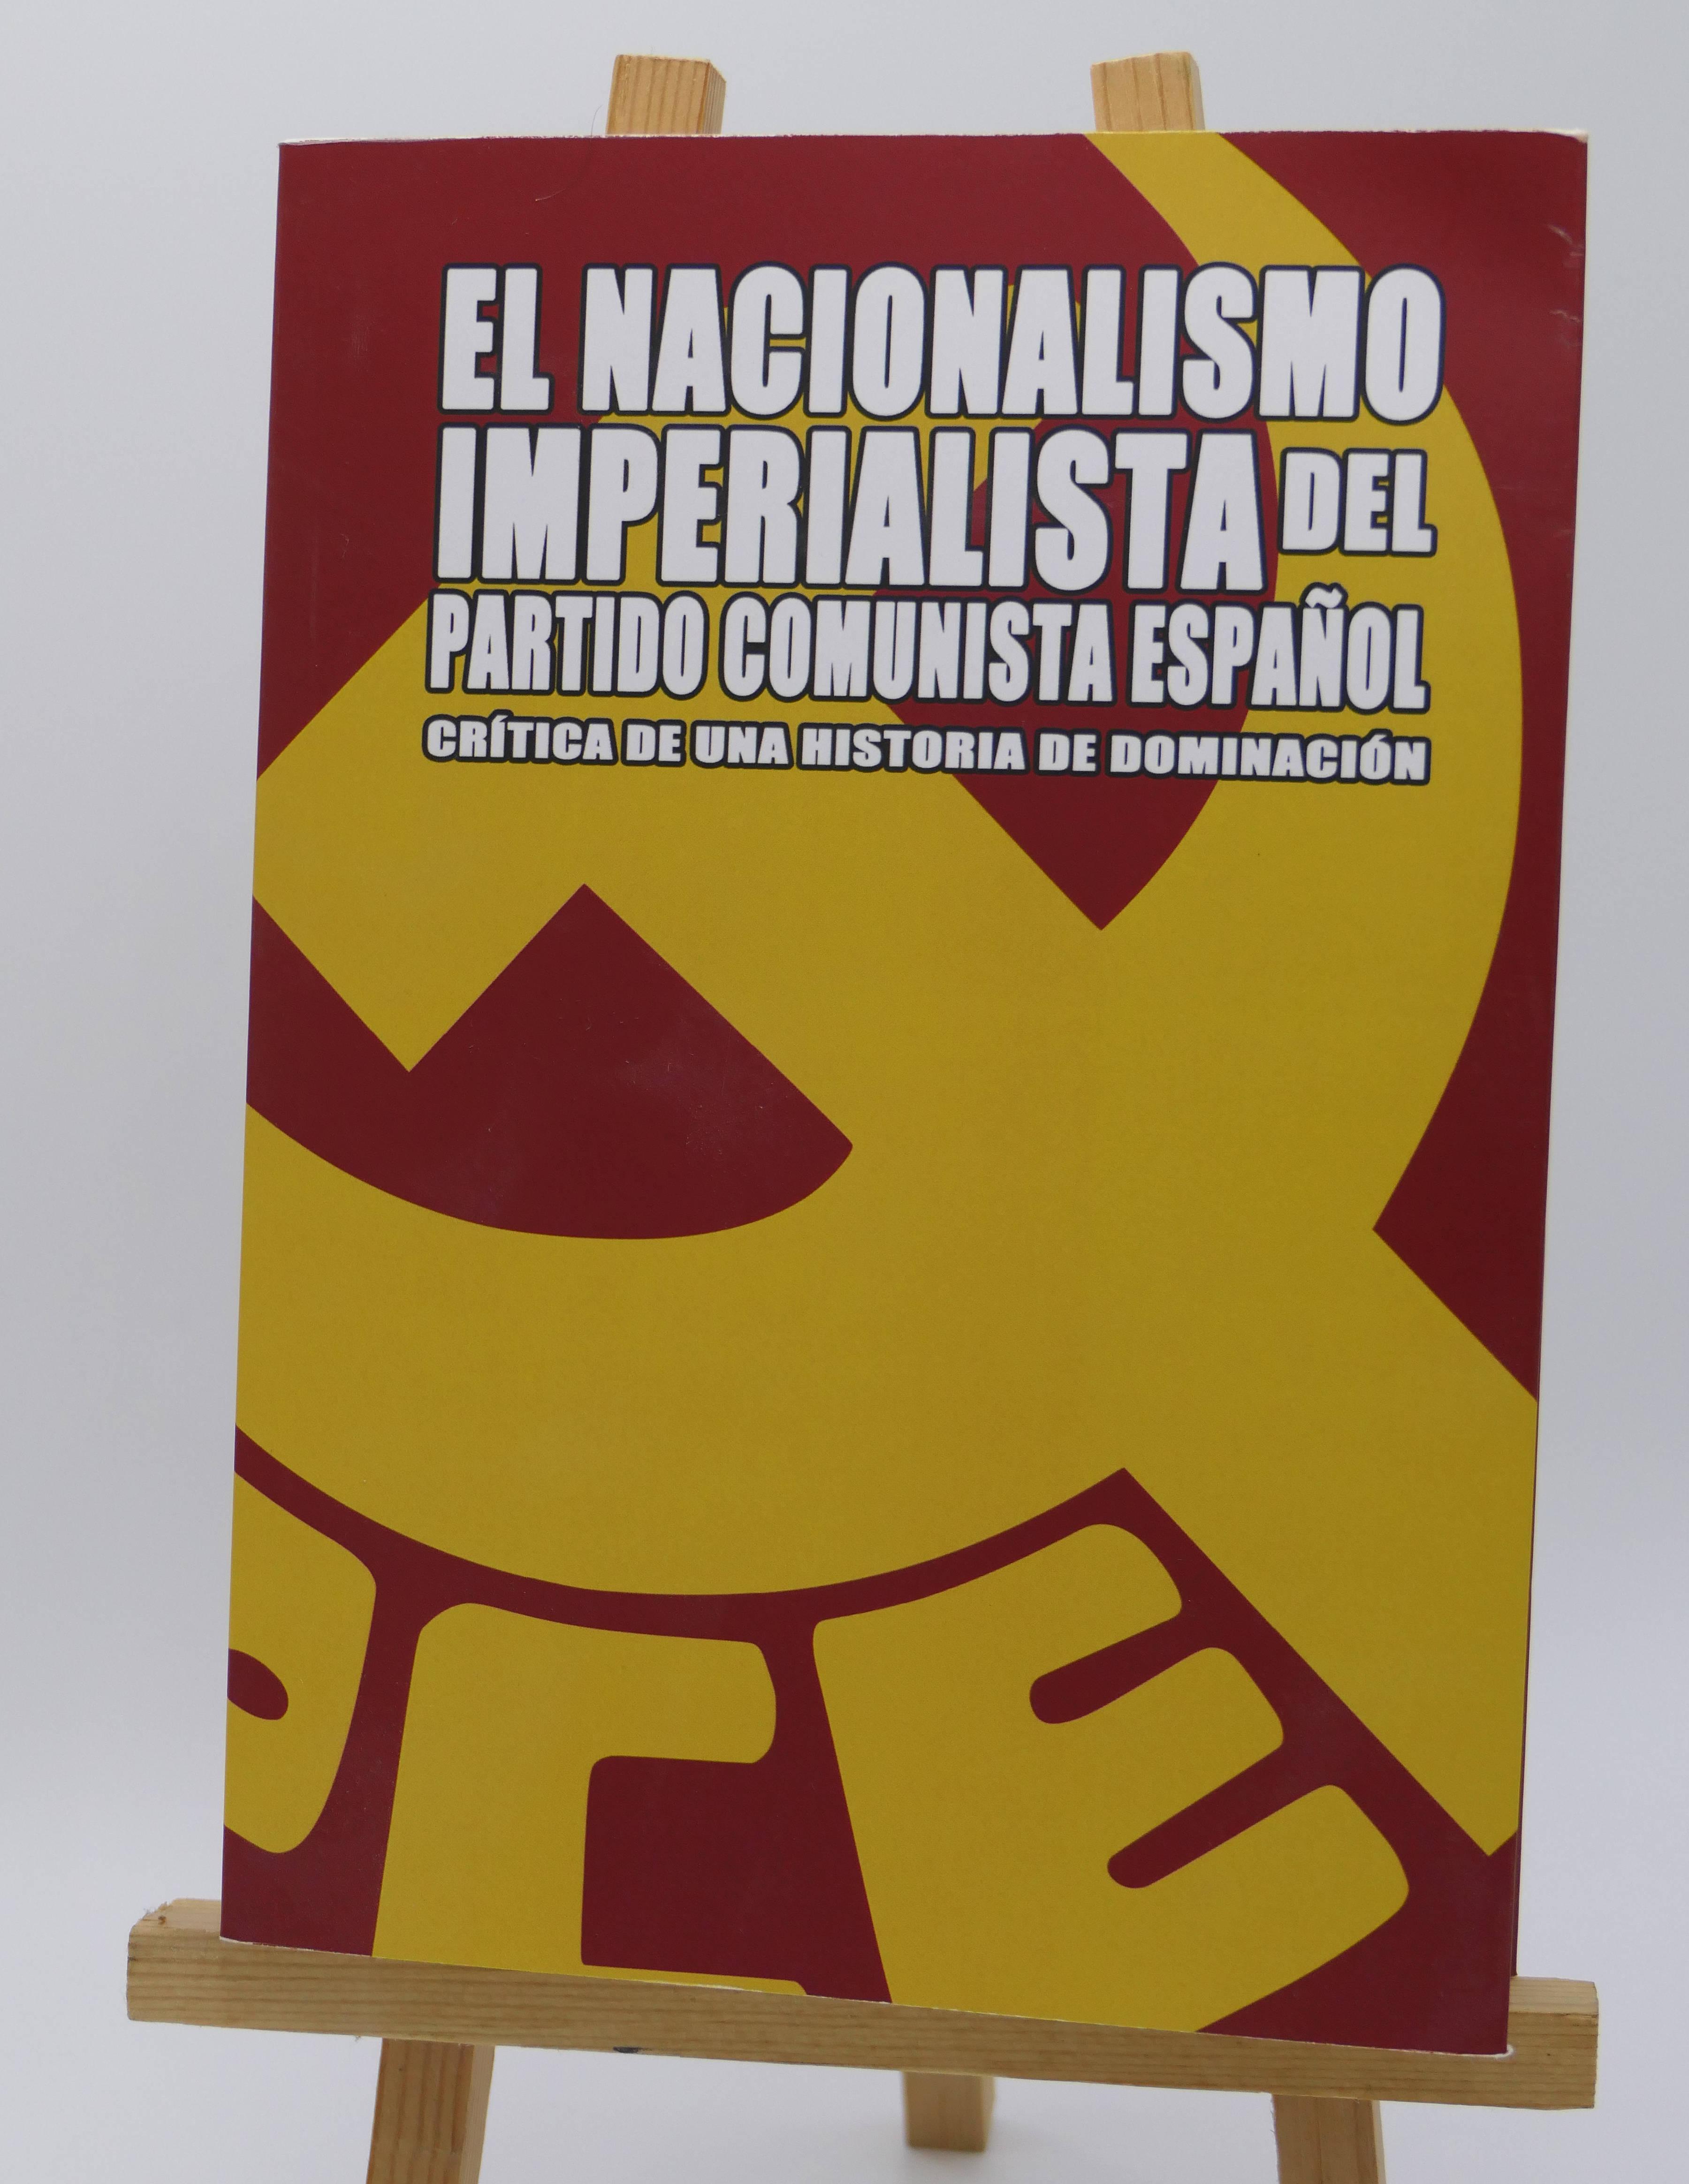 El nacionalismo imperialista del Partido Comunista Español, crítica de una historia de dominación